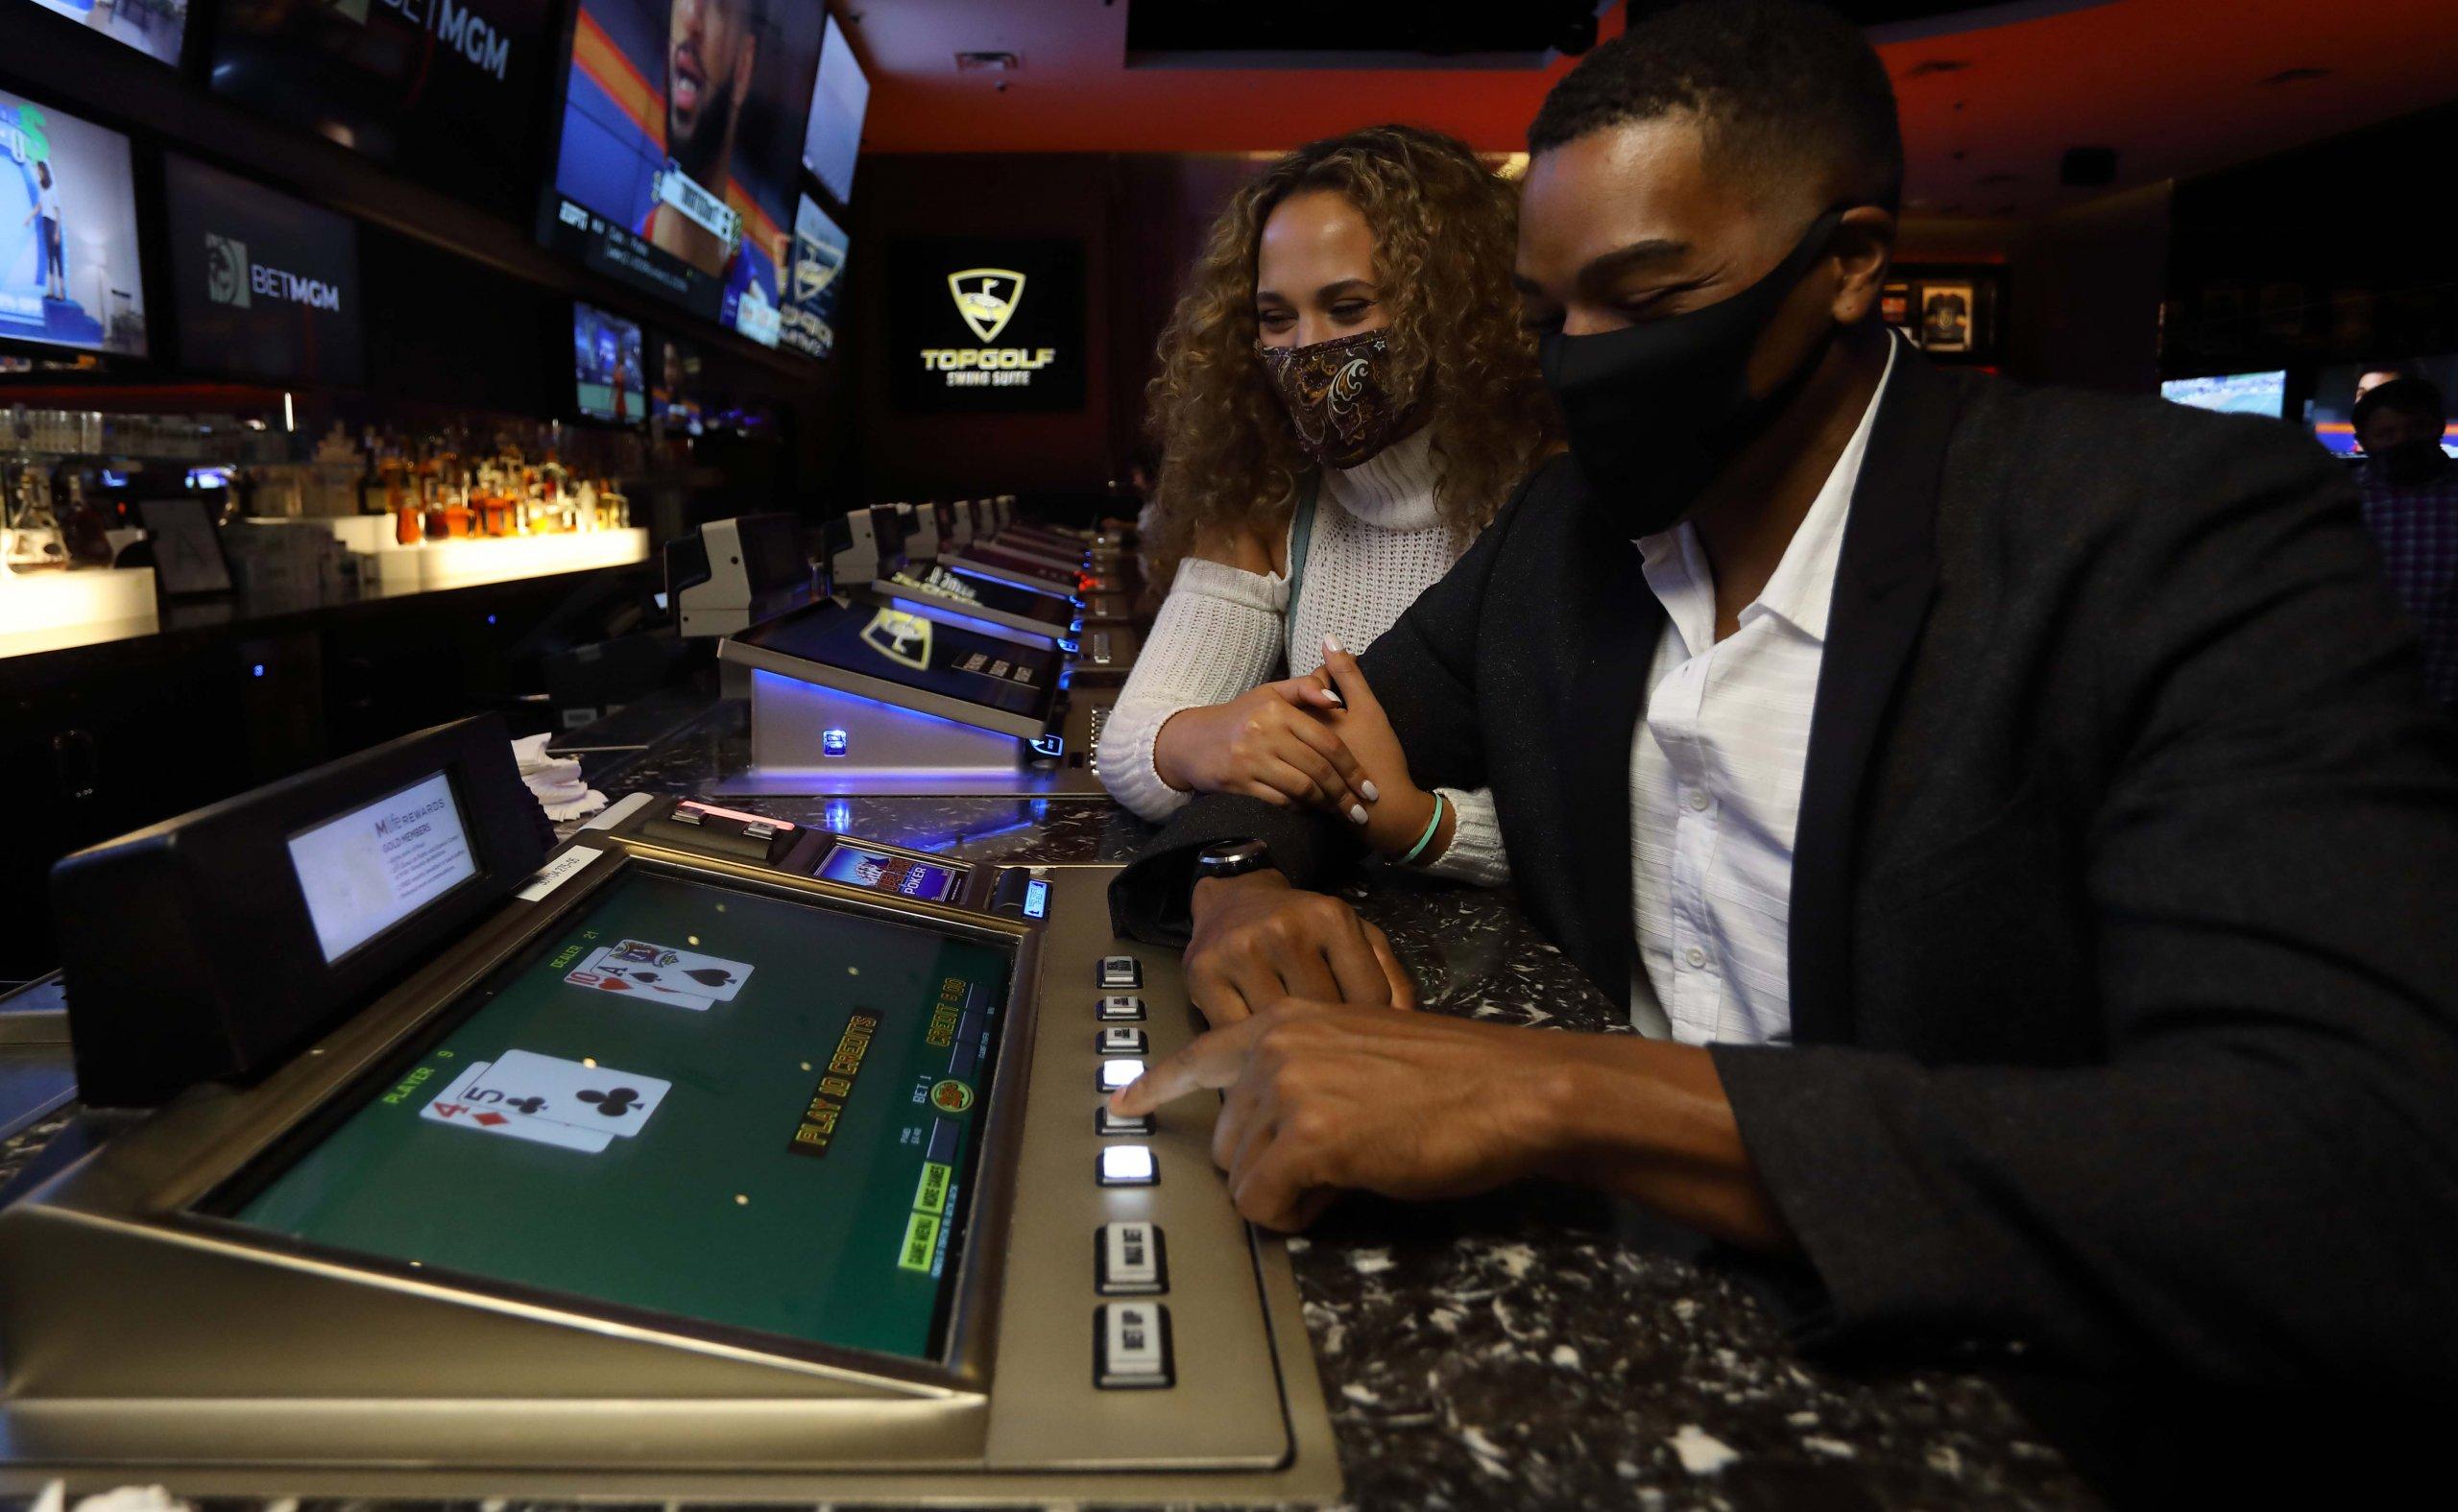 Man and Woman Gambling